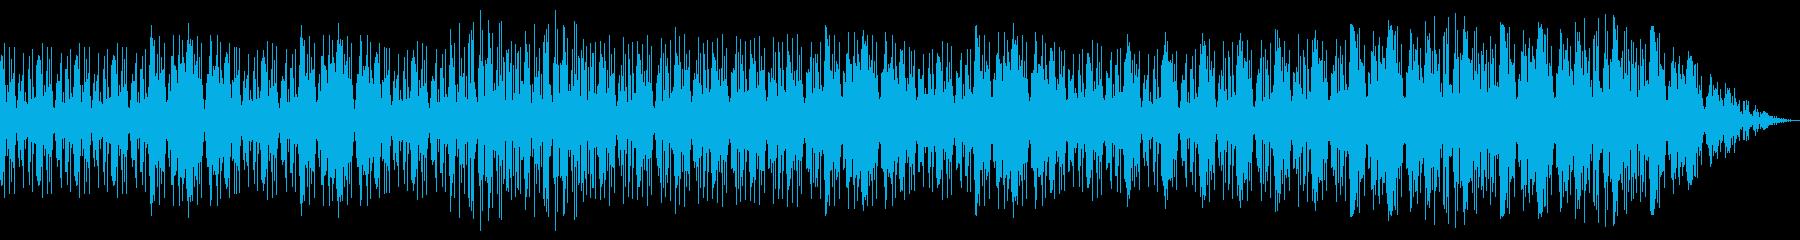 山奥の温泉 秘湯 和楽器+民族系ビートの再生済みの波形